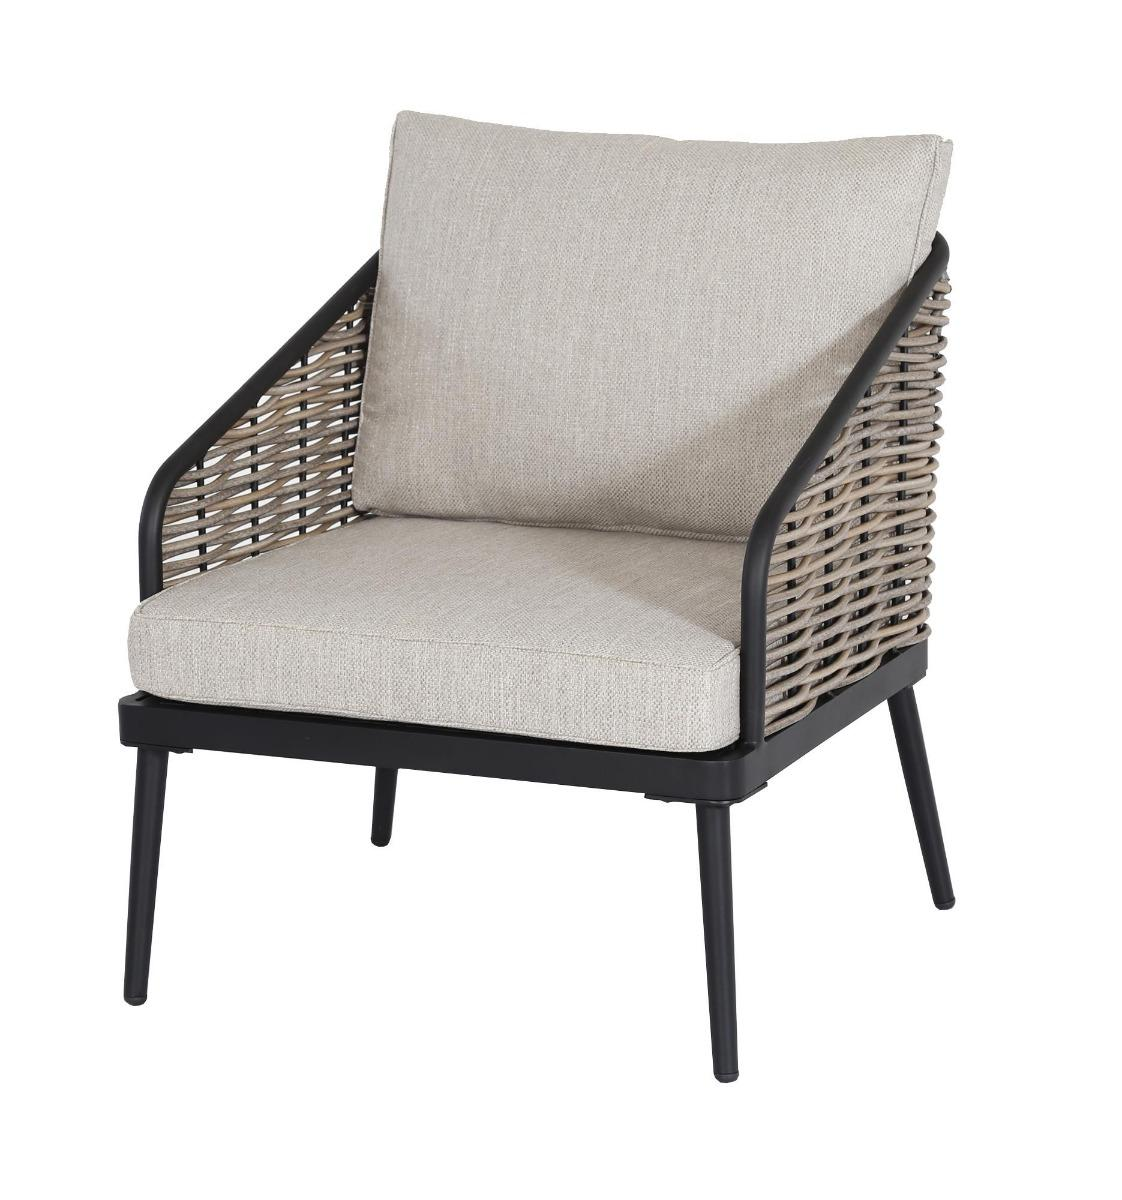 Da vinci lounge chair